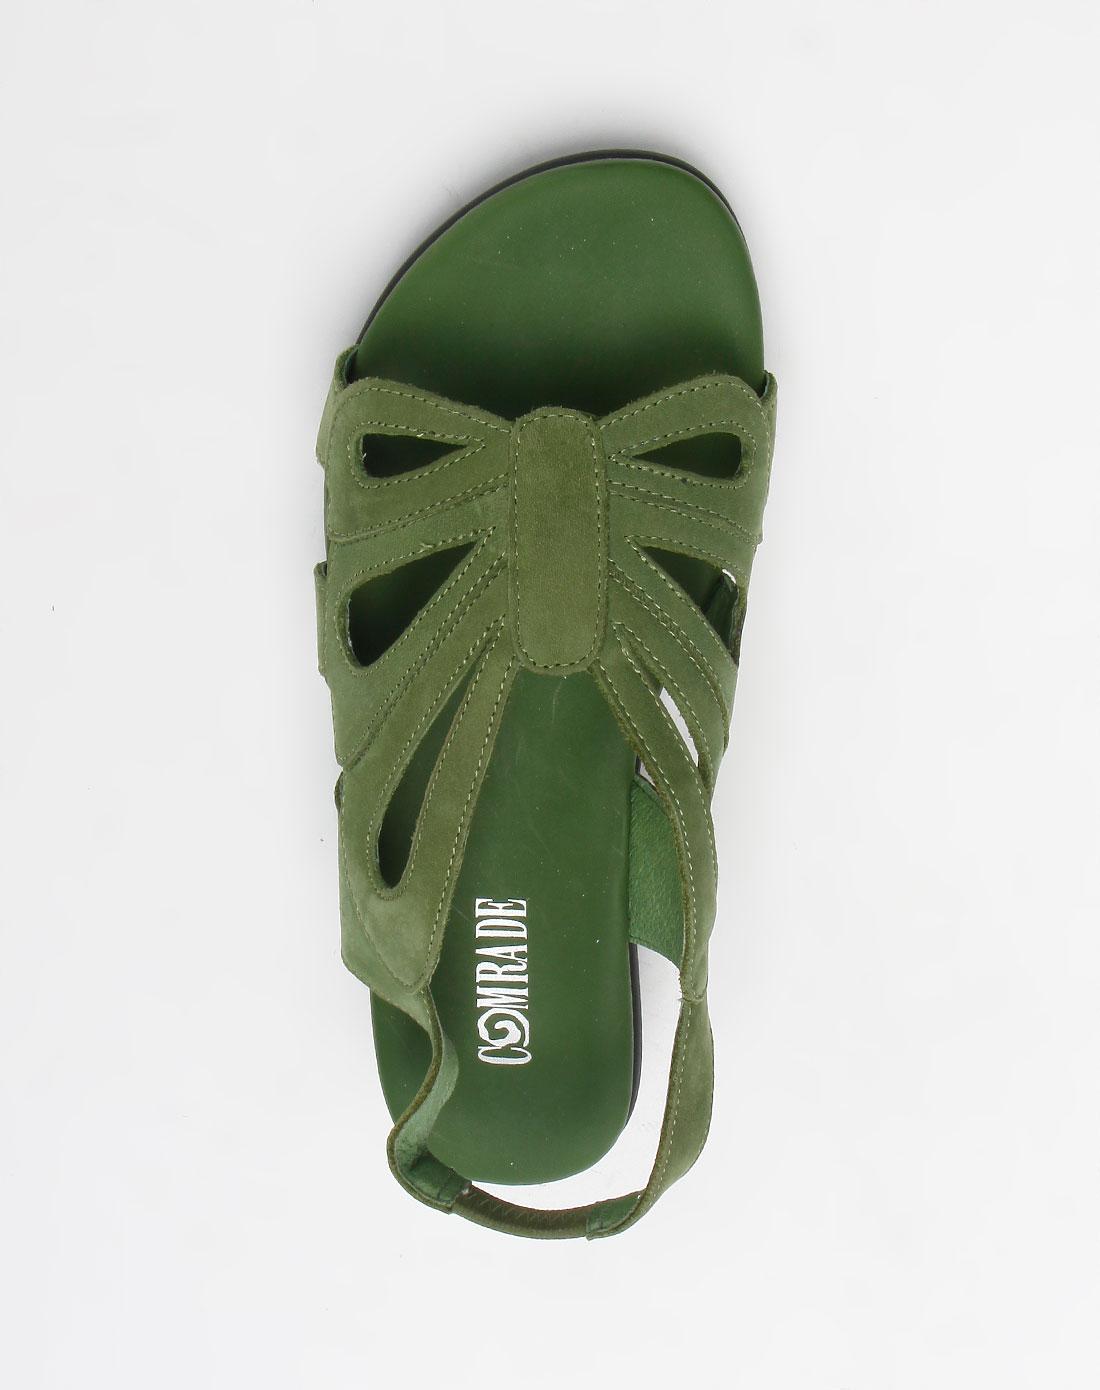 康莉comely头层青绿色磨砂牛皮圆头休闲凉鞋